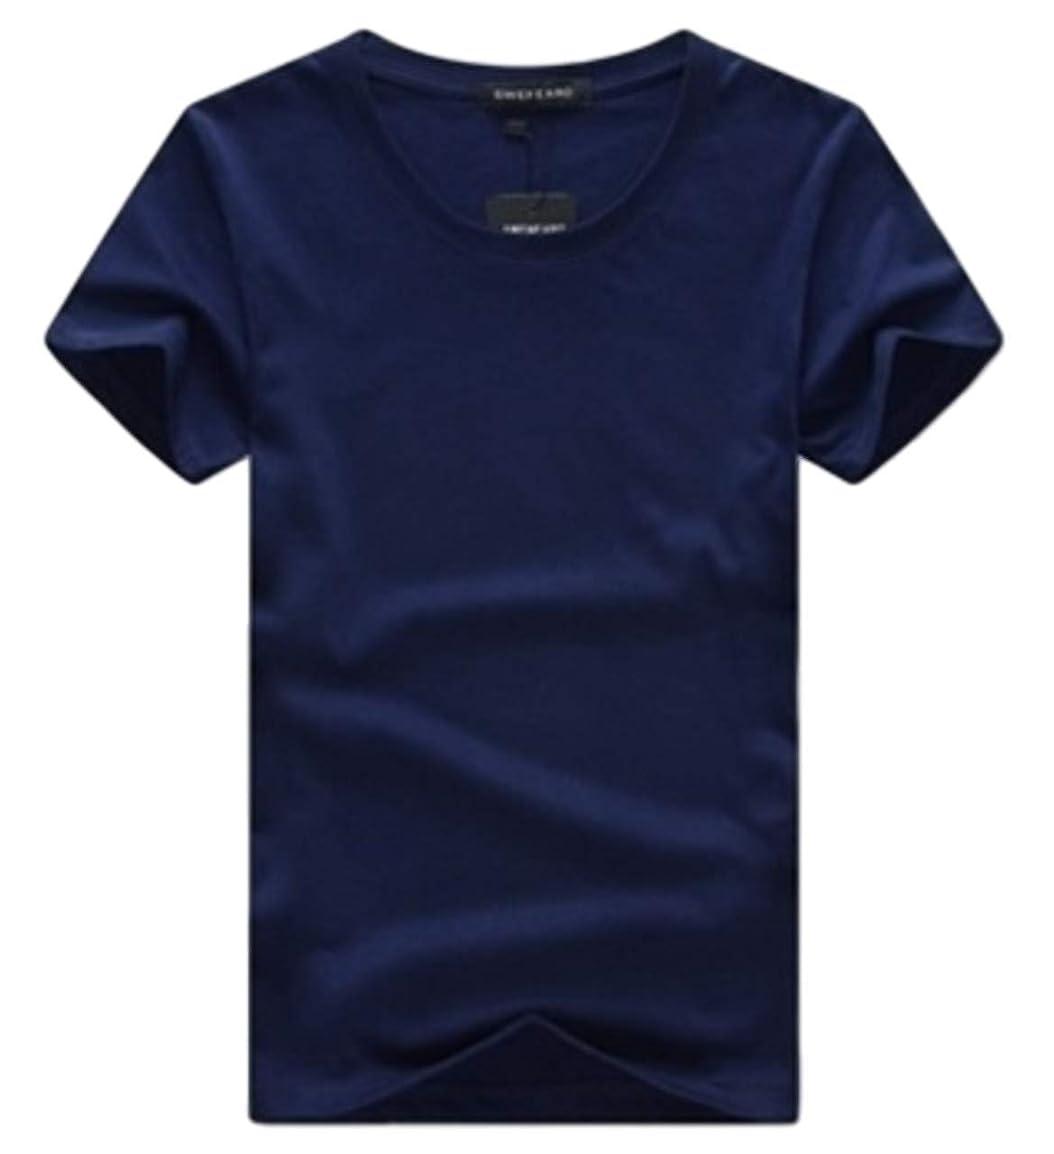 適応的呼吸仲人[シービリーヴ] Tシャツ Uネック 半袖 無地 インナー カジュアル シャツ シンプル 良質素材 かっこいい 速乾 薄手 部屋着